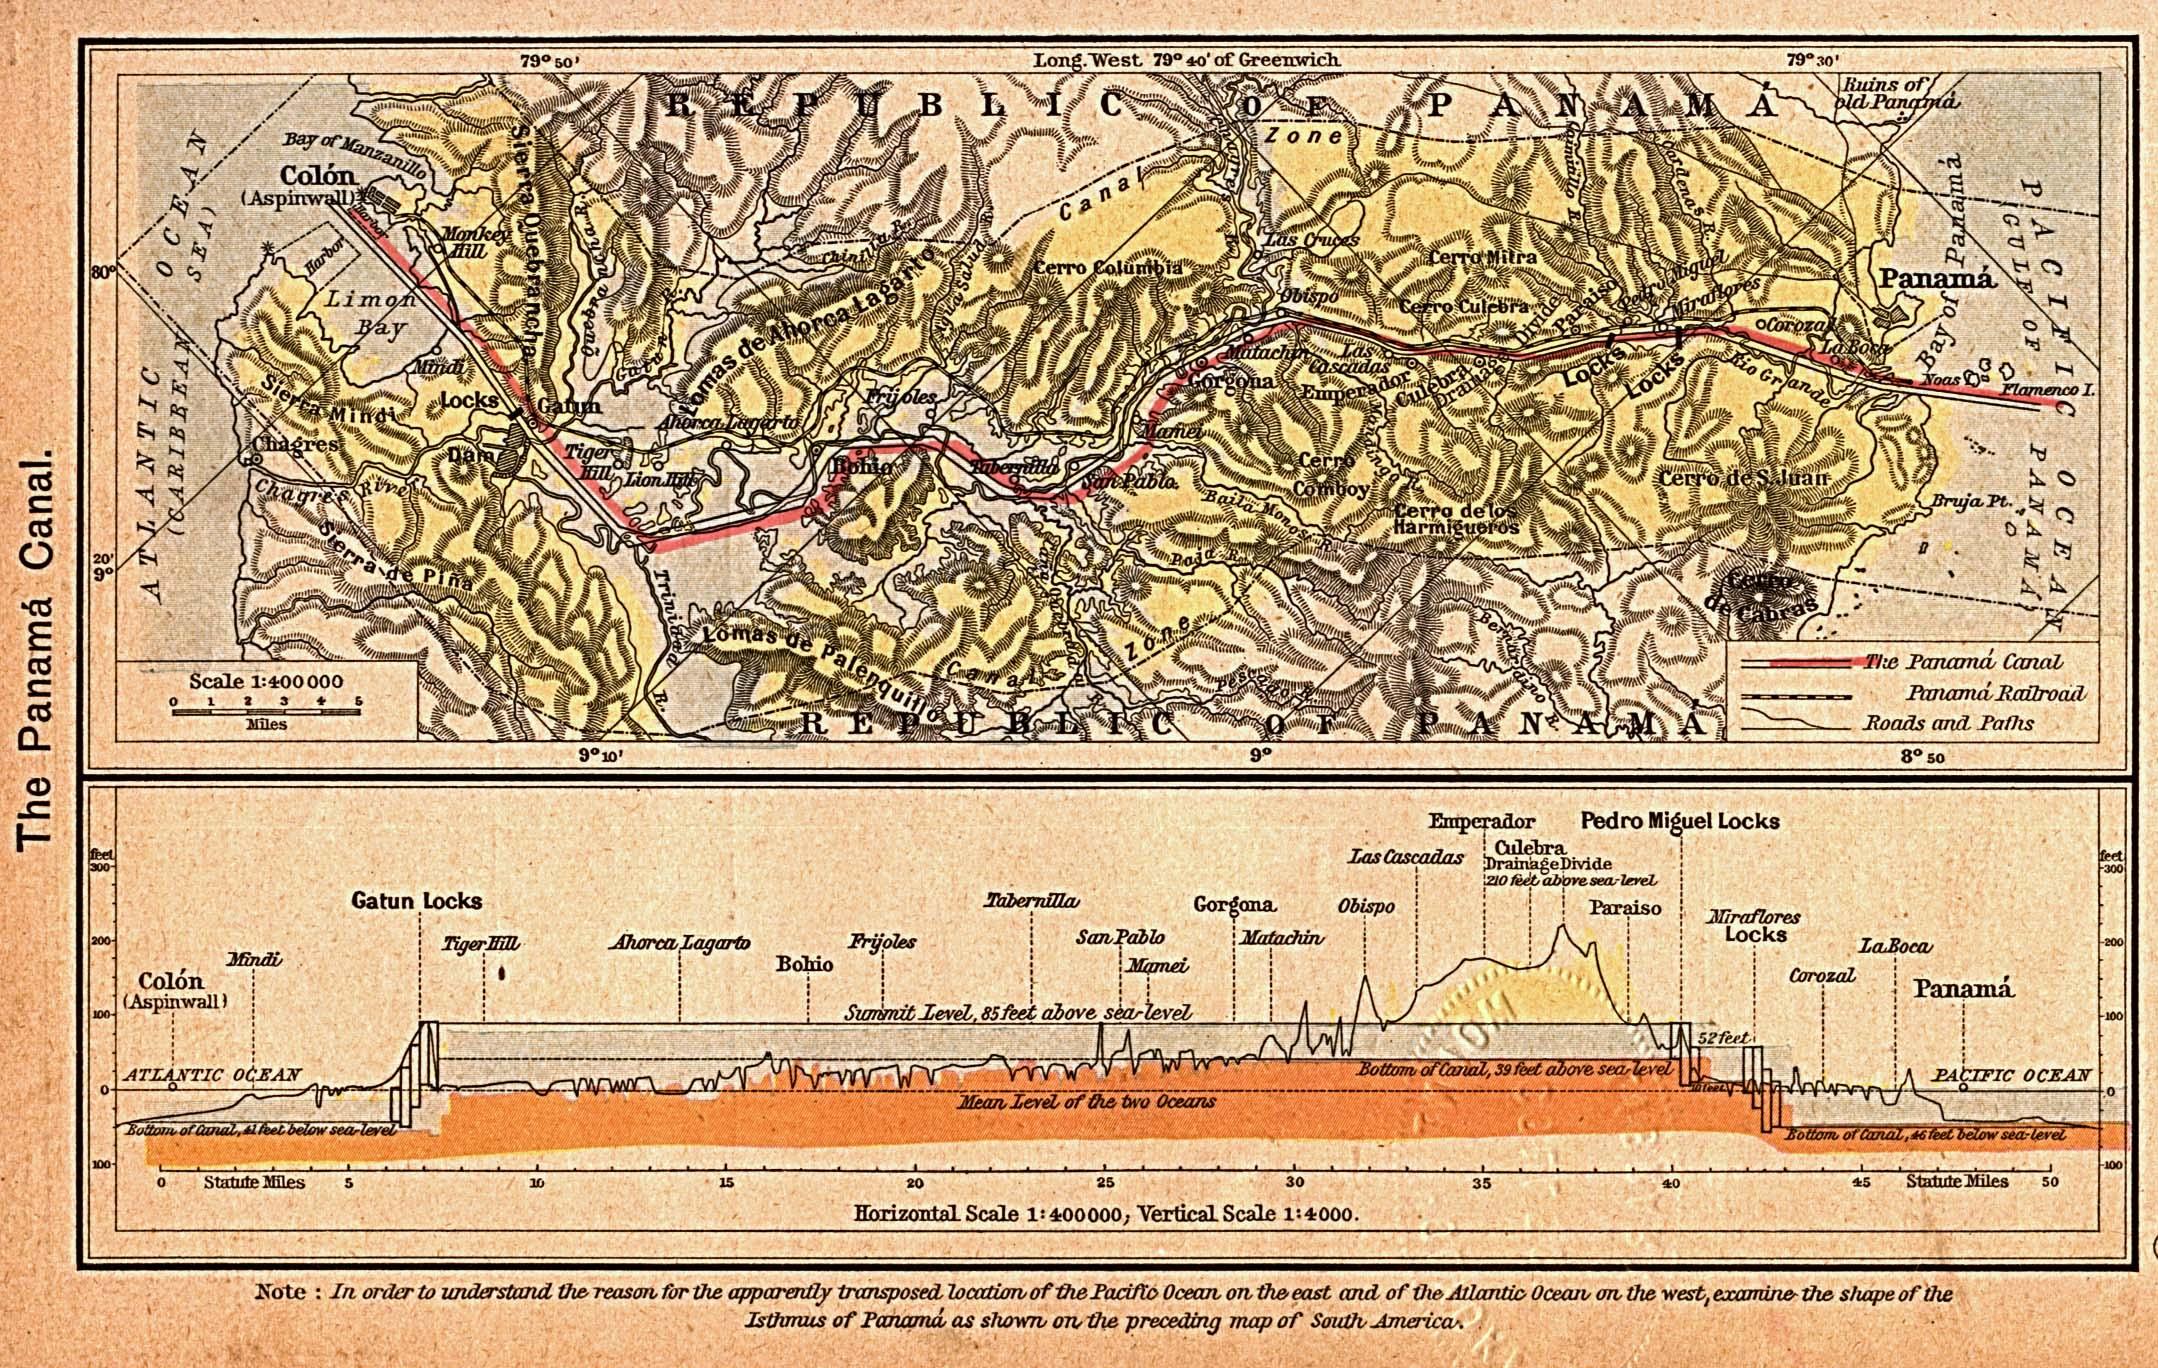 Mapa del Canal de Panamá, Panamá 1923